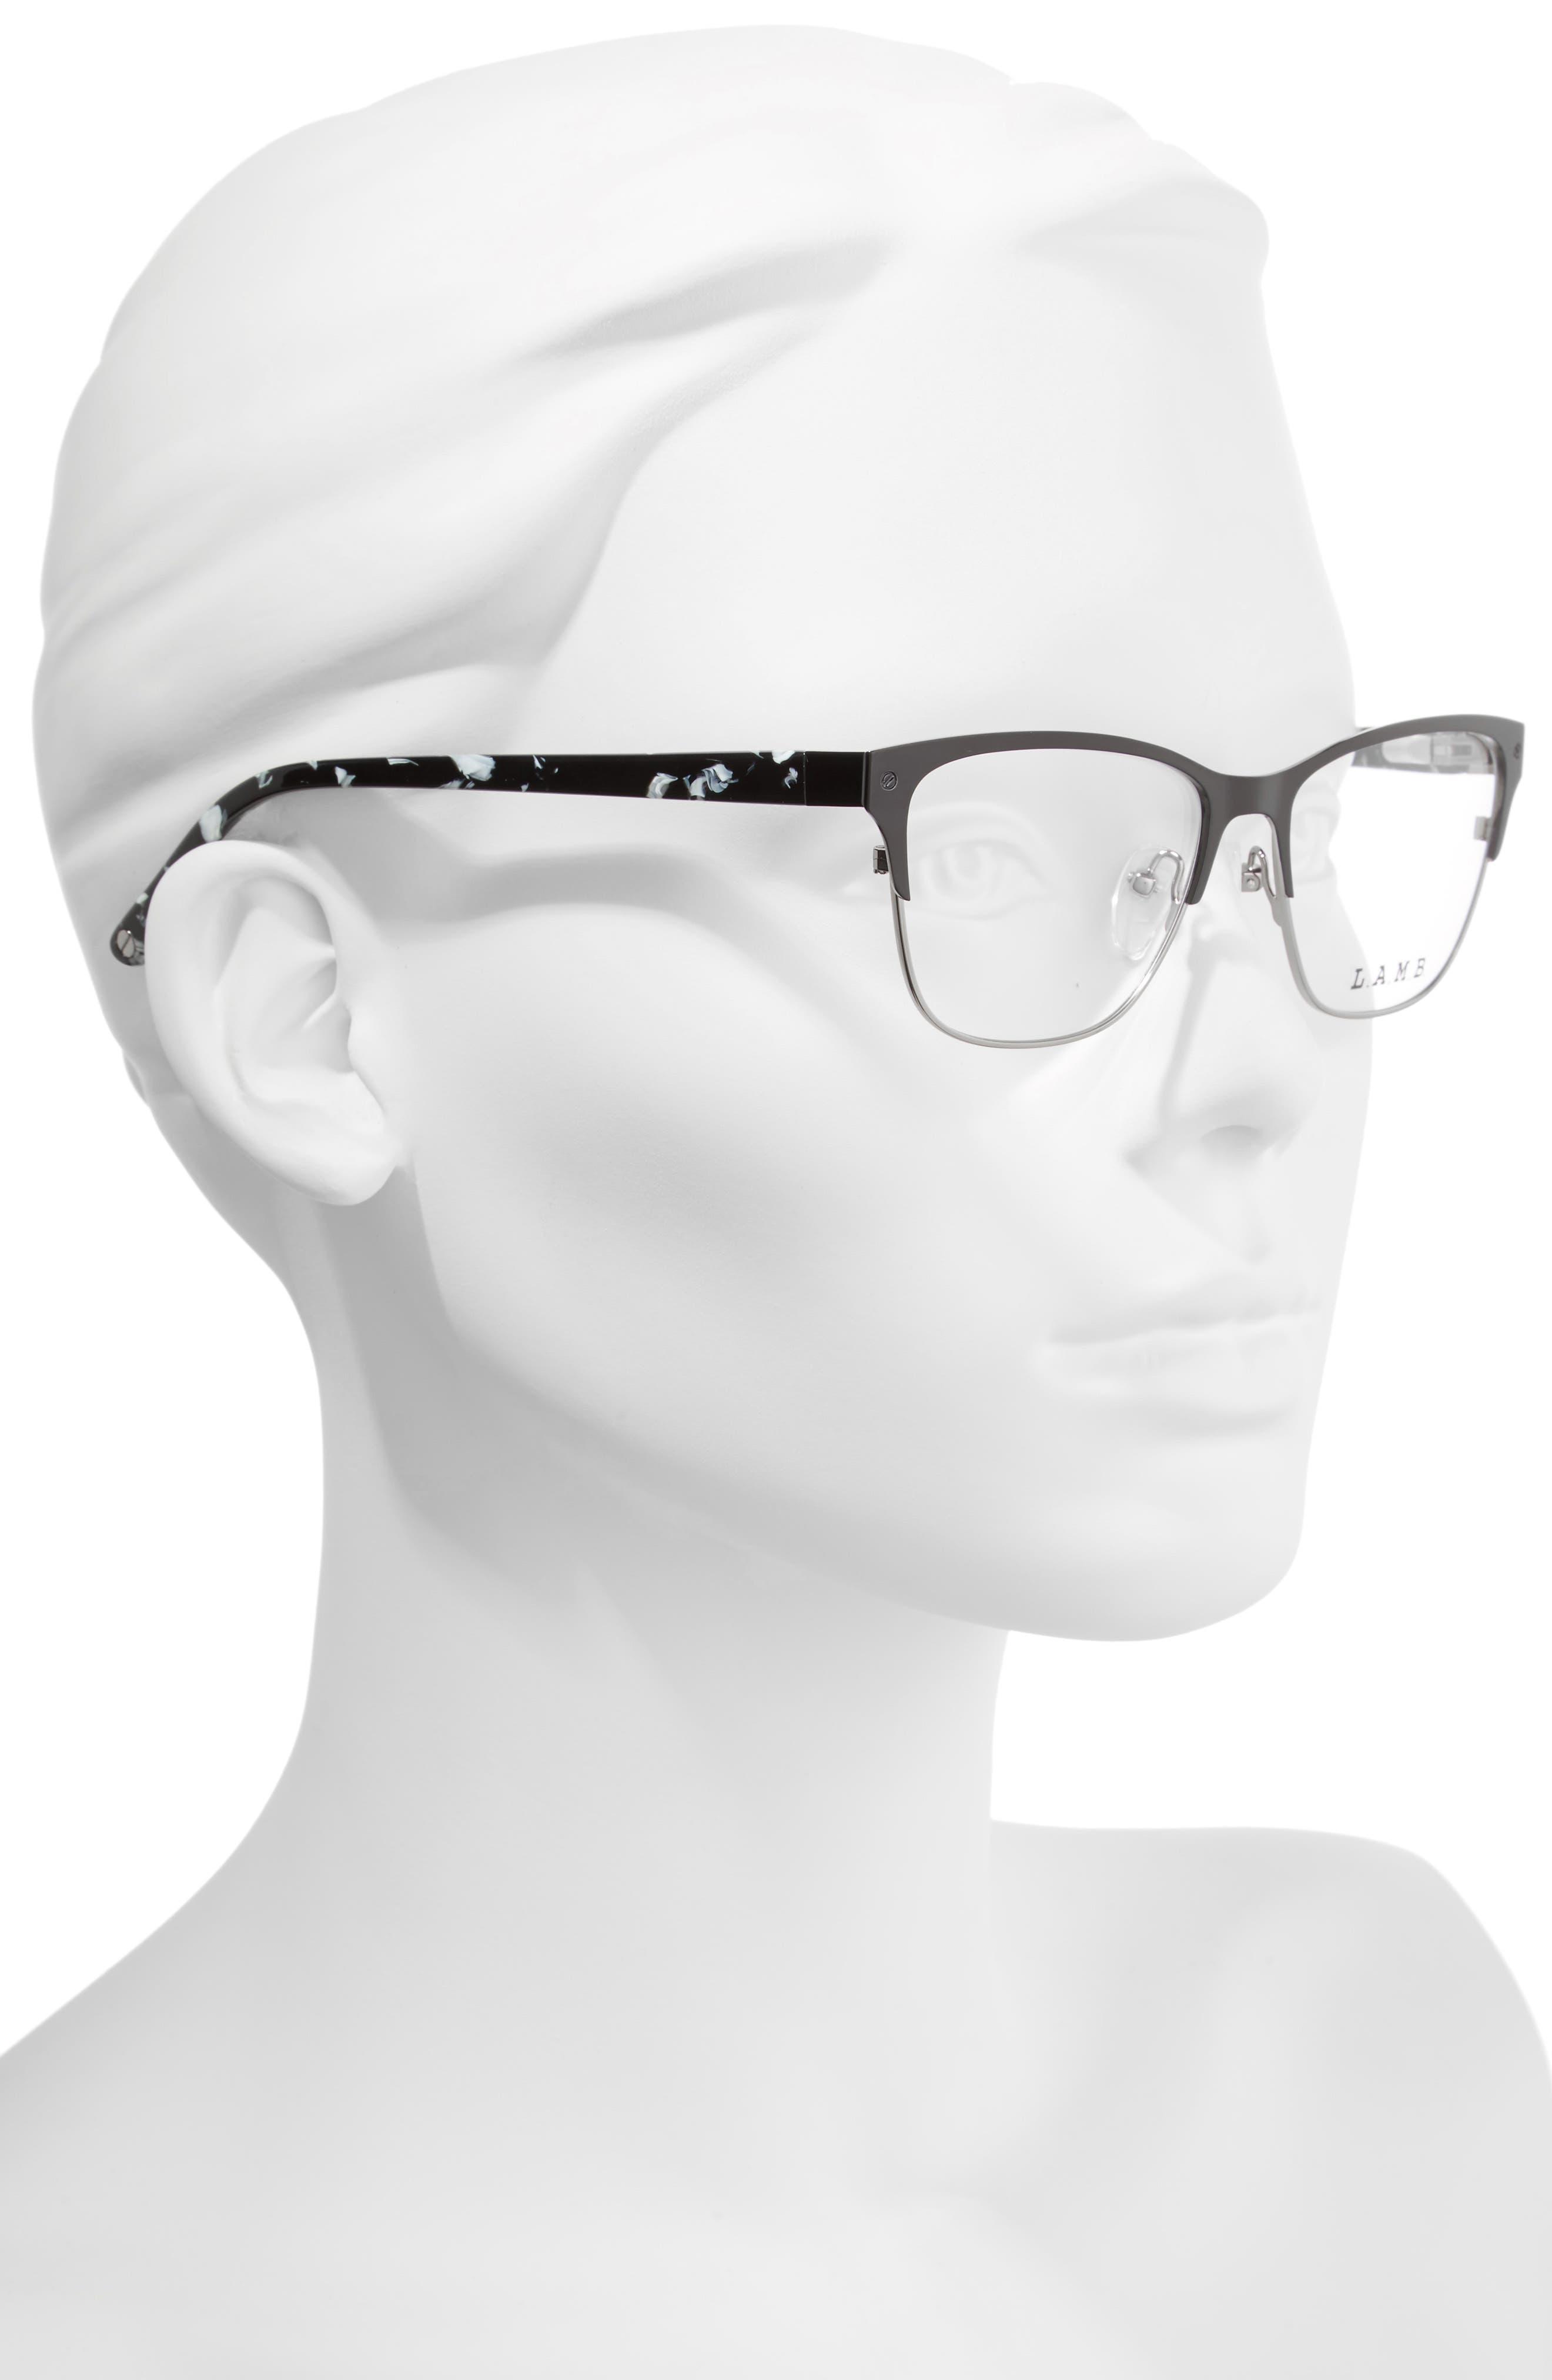 52mm Cat Eye Optical Glasses,                             Alternate thumbnail 2, color,